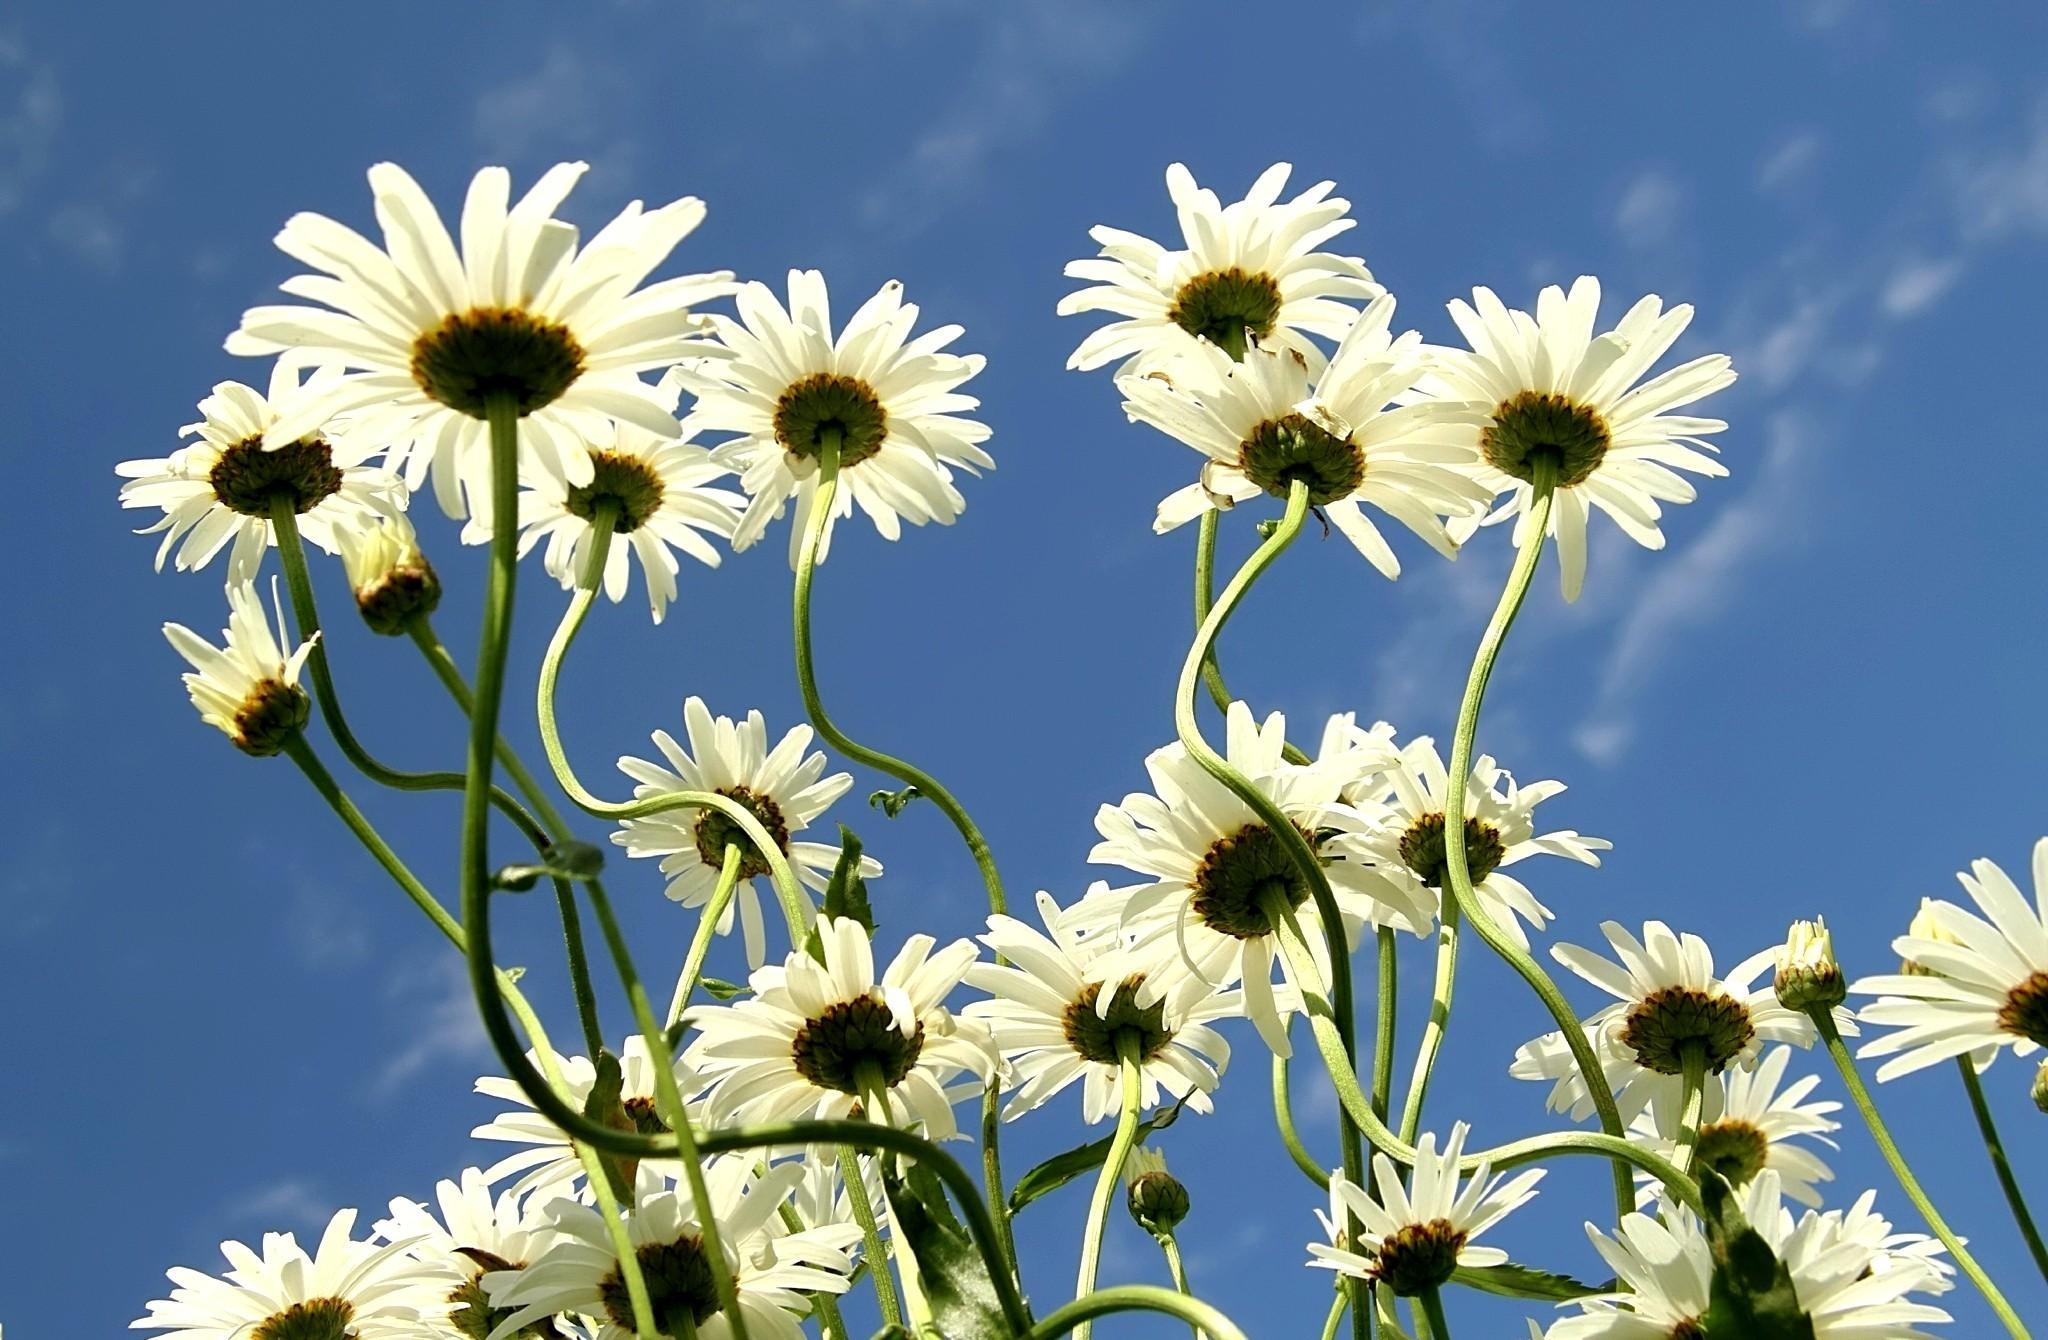 92824 скачать обои Цветы, Ромашки, Лето, Небо, Облака - заставки и картинки бесплатно